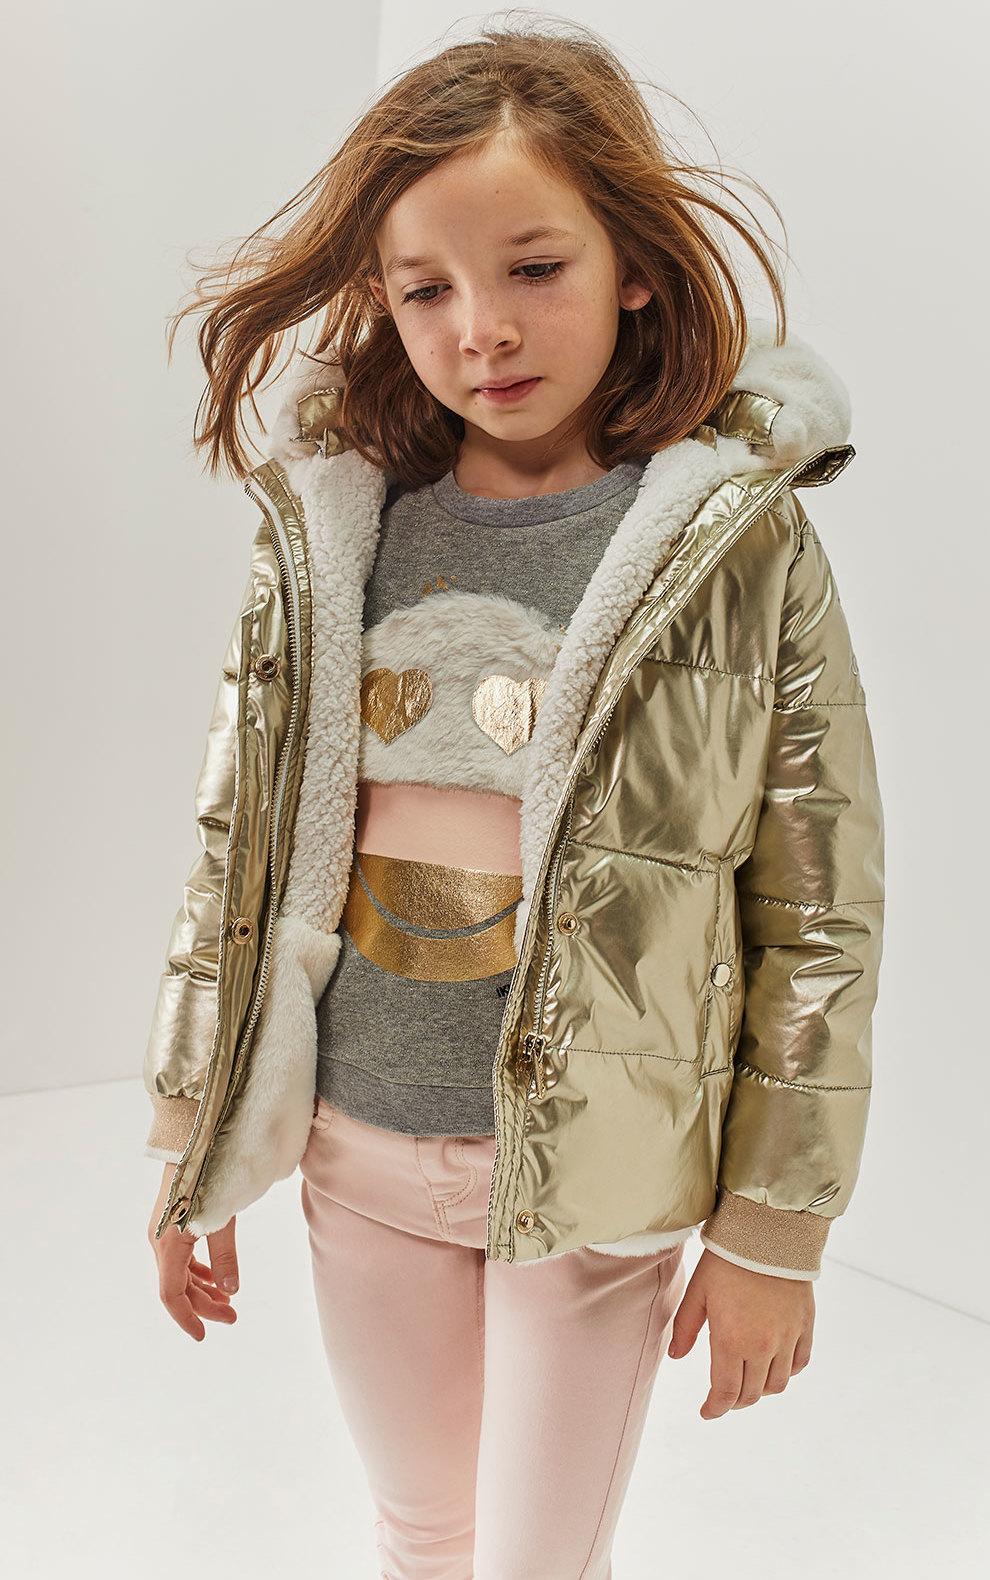 golden jacket for kids